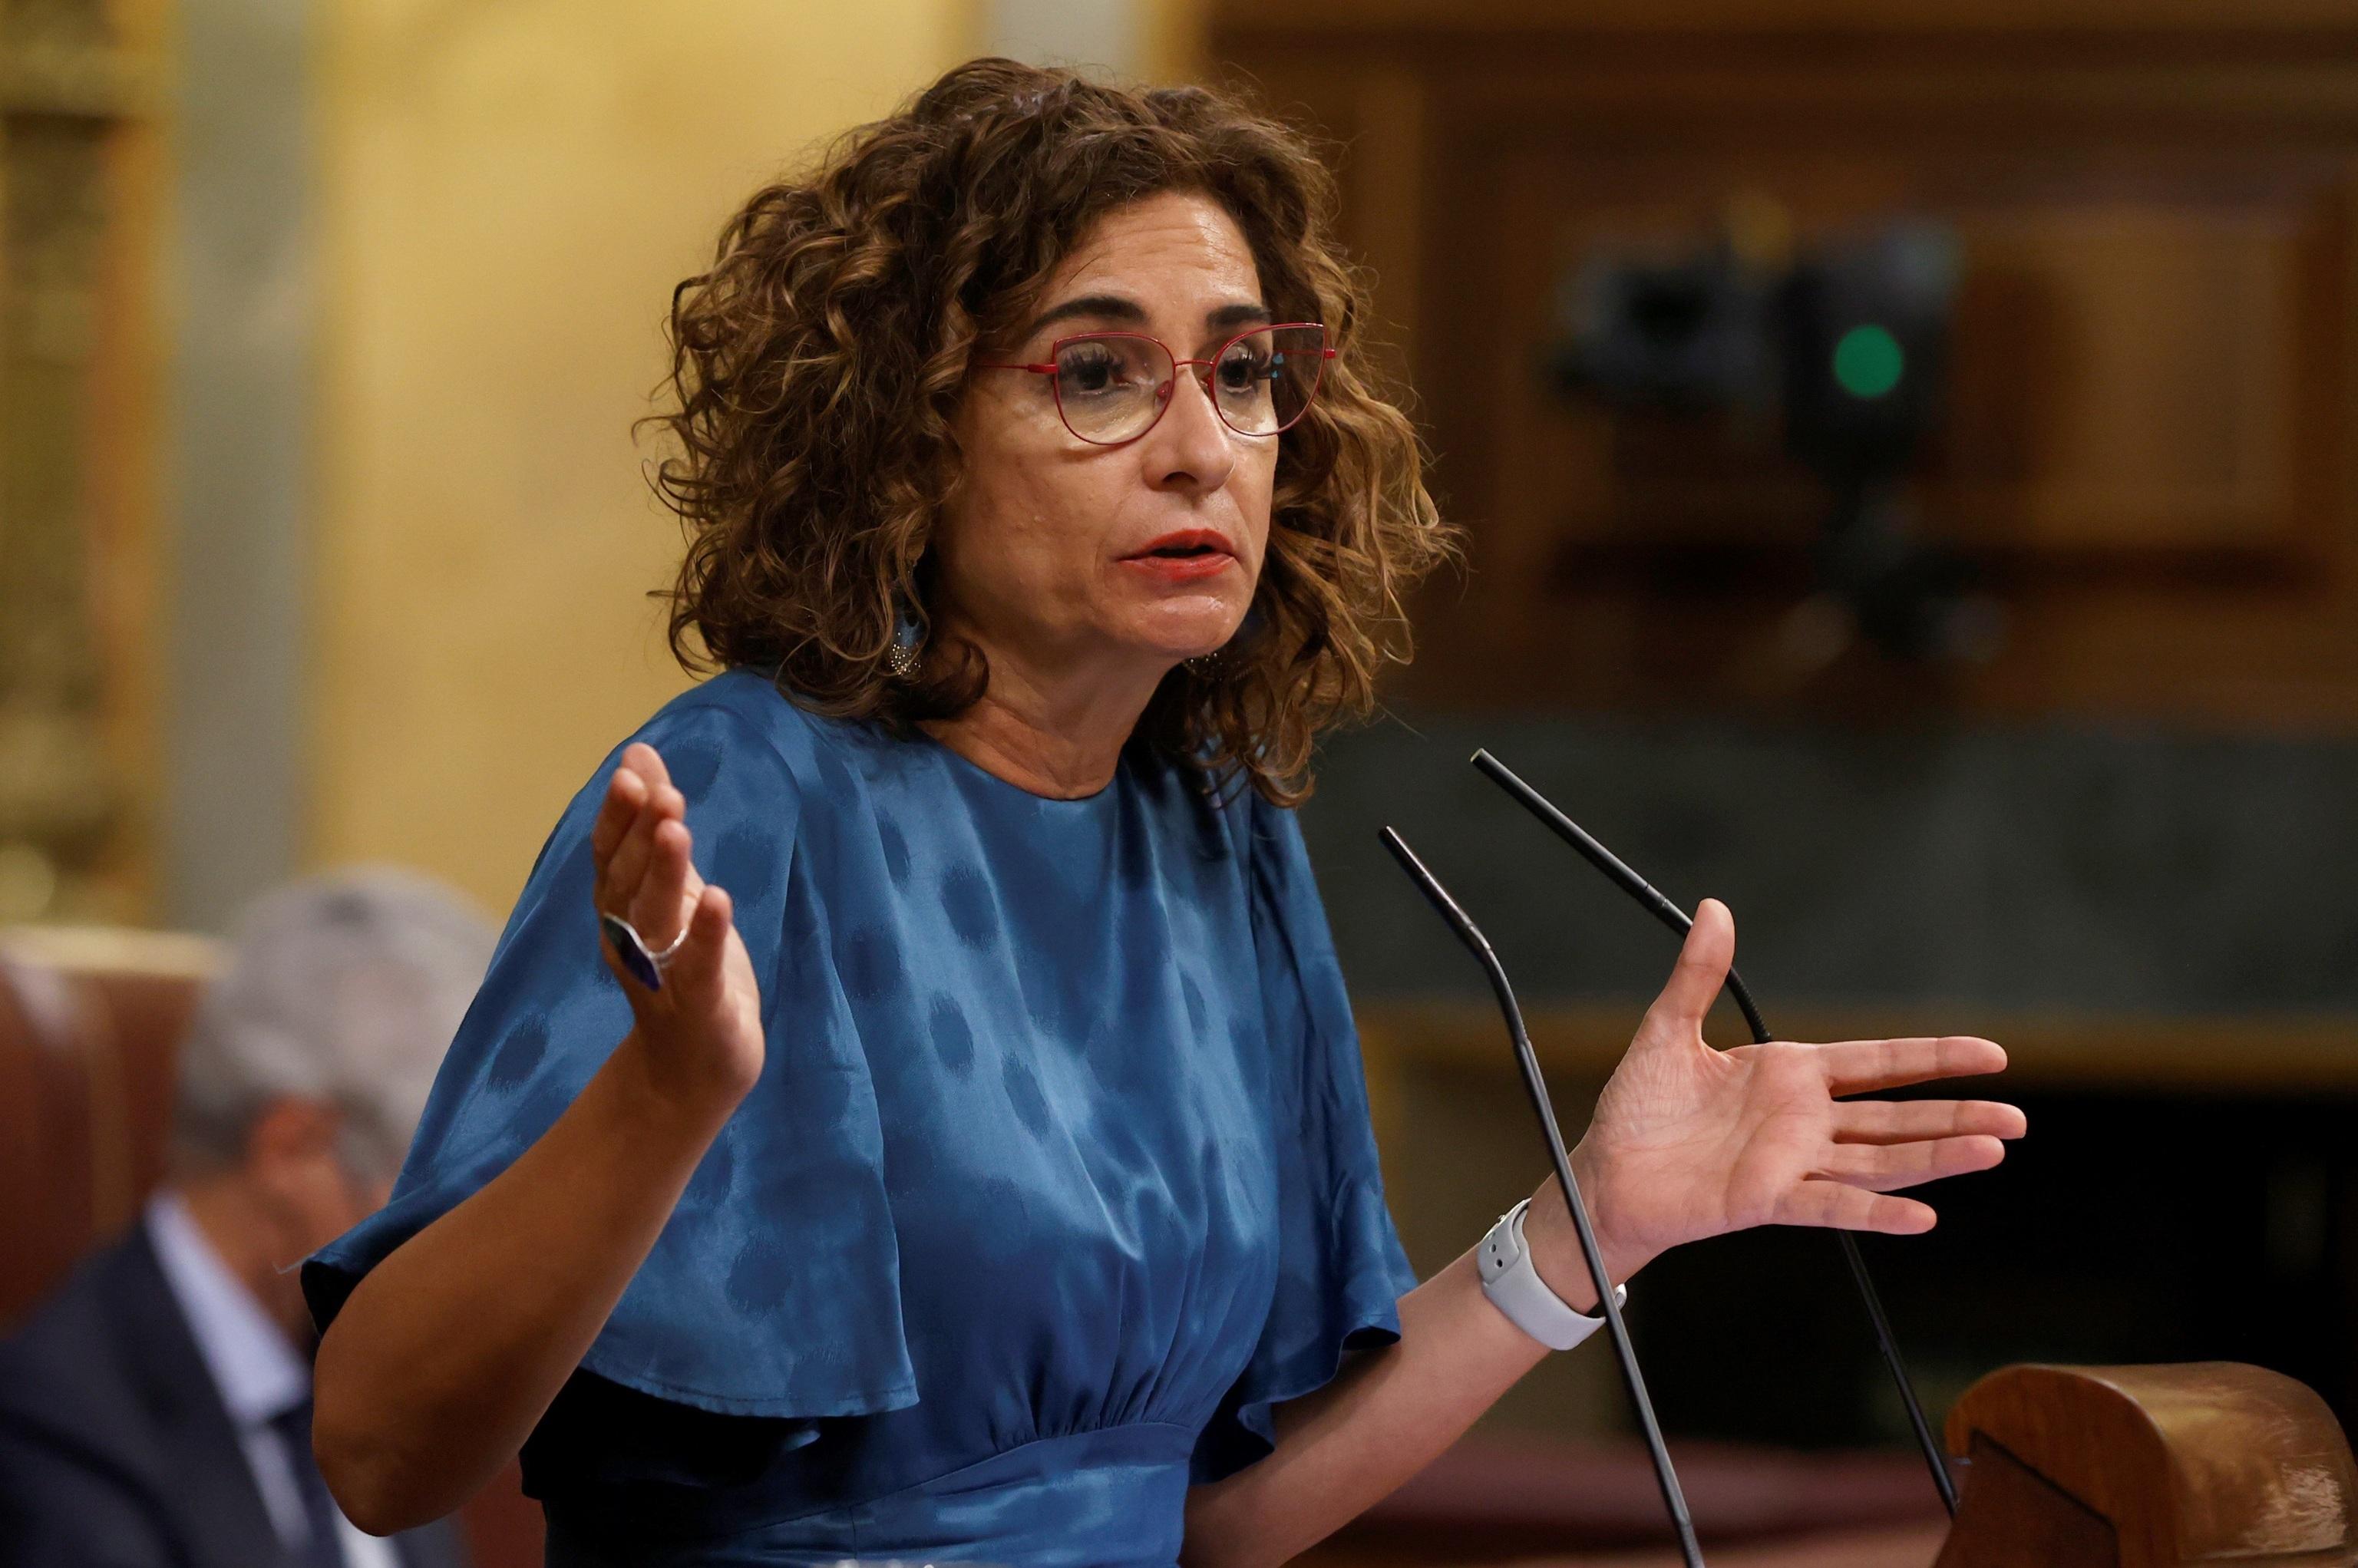 La ministra de Hacienda y Función Pública, María Jesús Montero, de quien depende Muface.